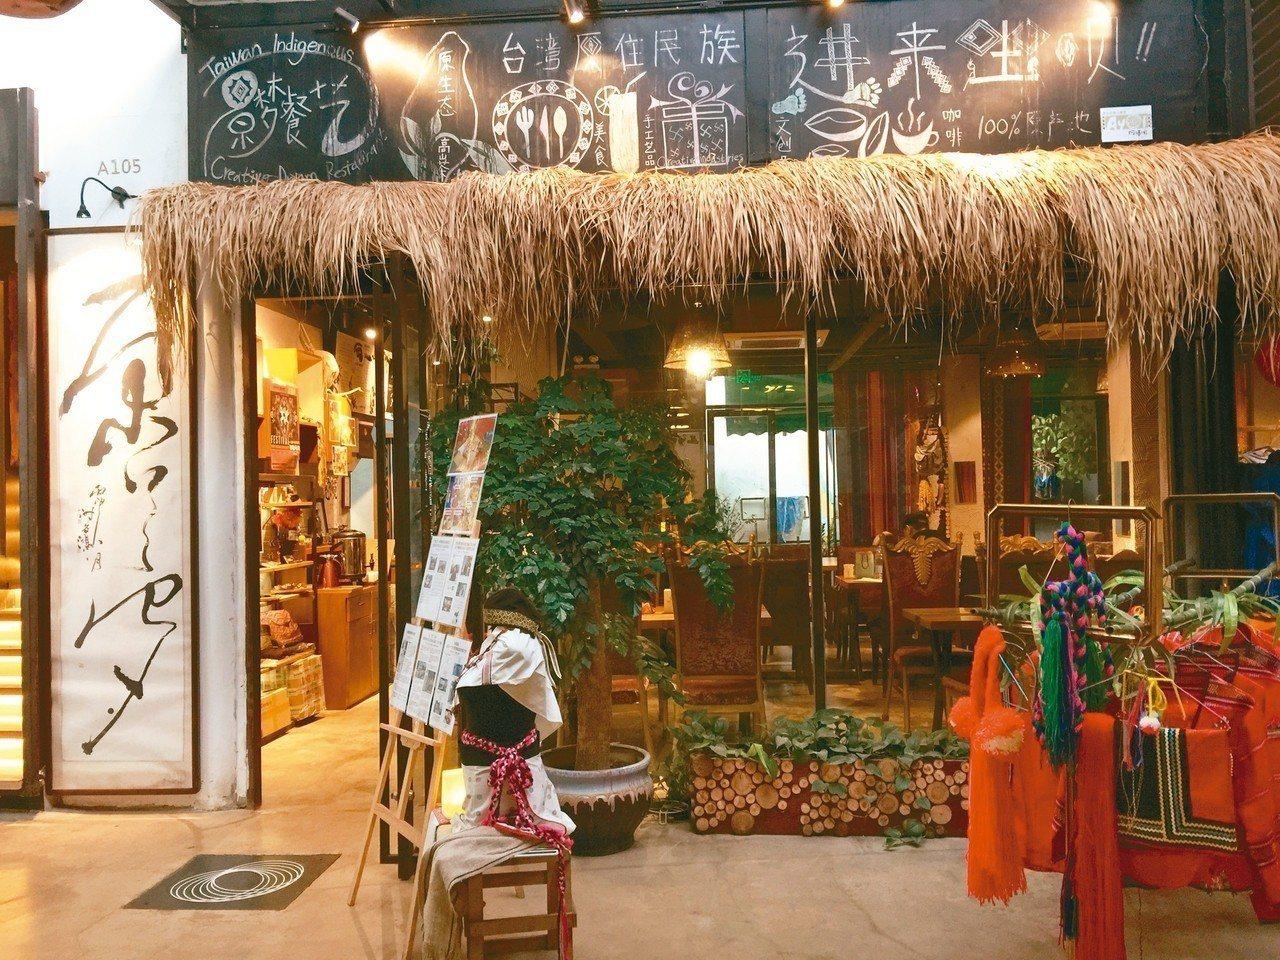 原夢餐廳,展現原住民風情。 記者汪莉絹、曾玉玲/攝影